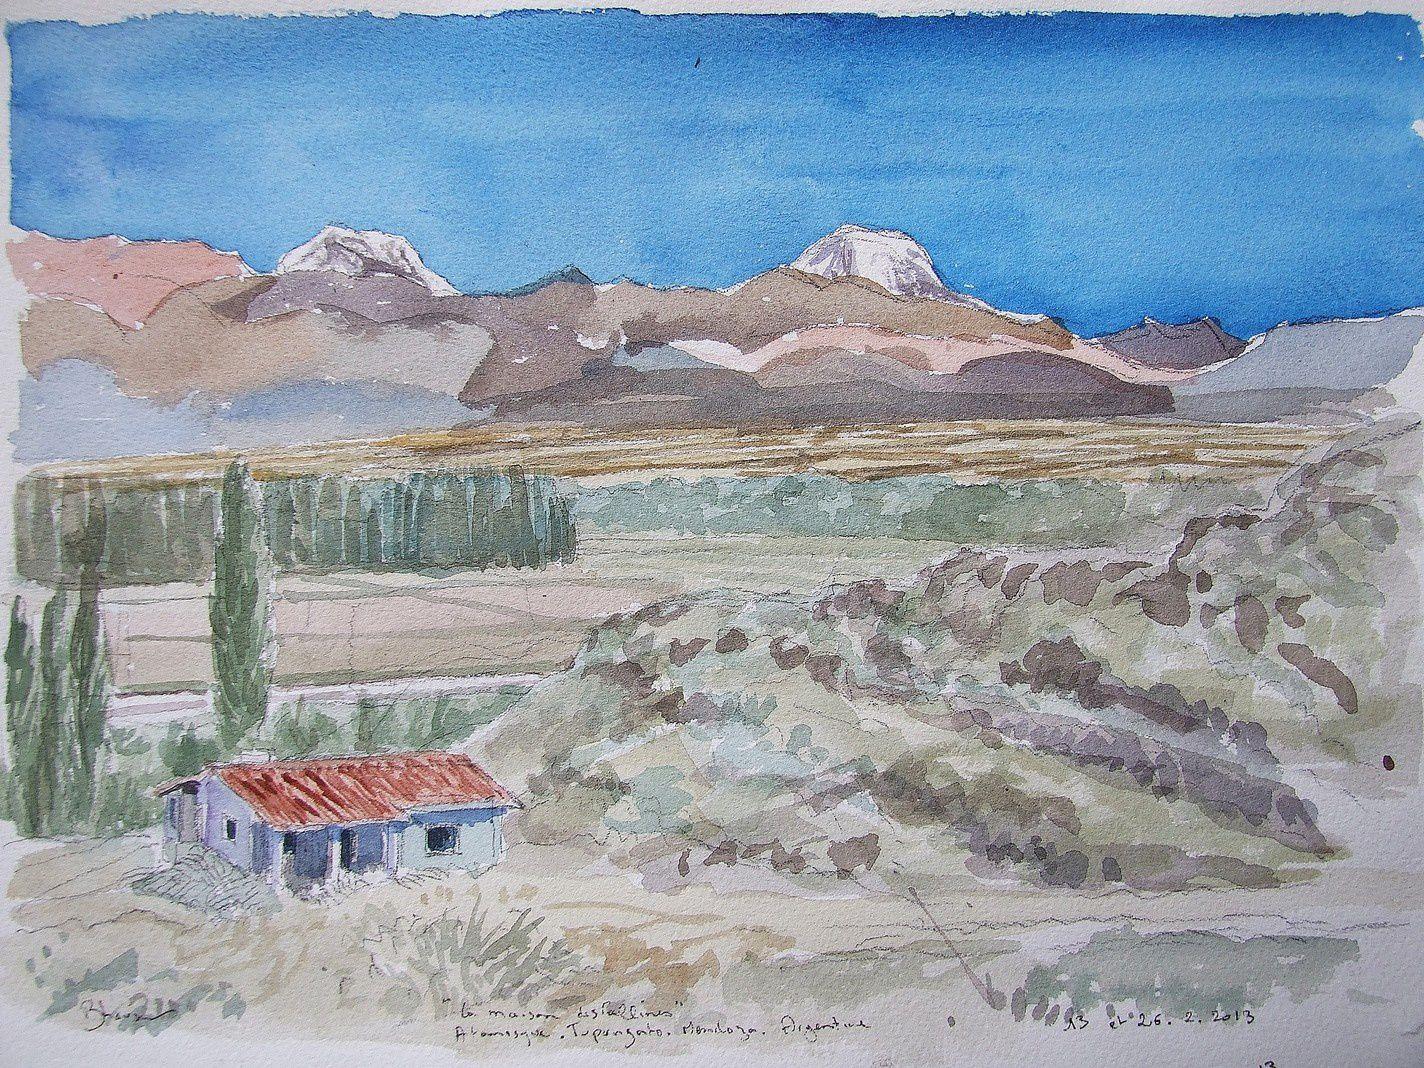 Atamisque aquarelle 22x31 11-26 2 13